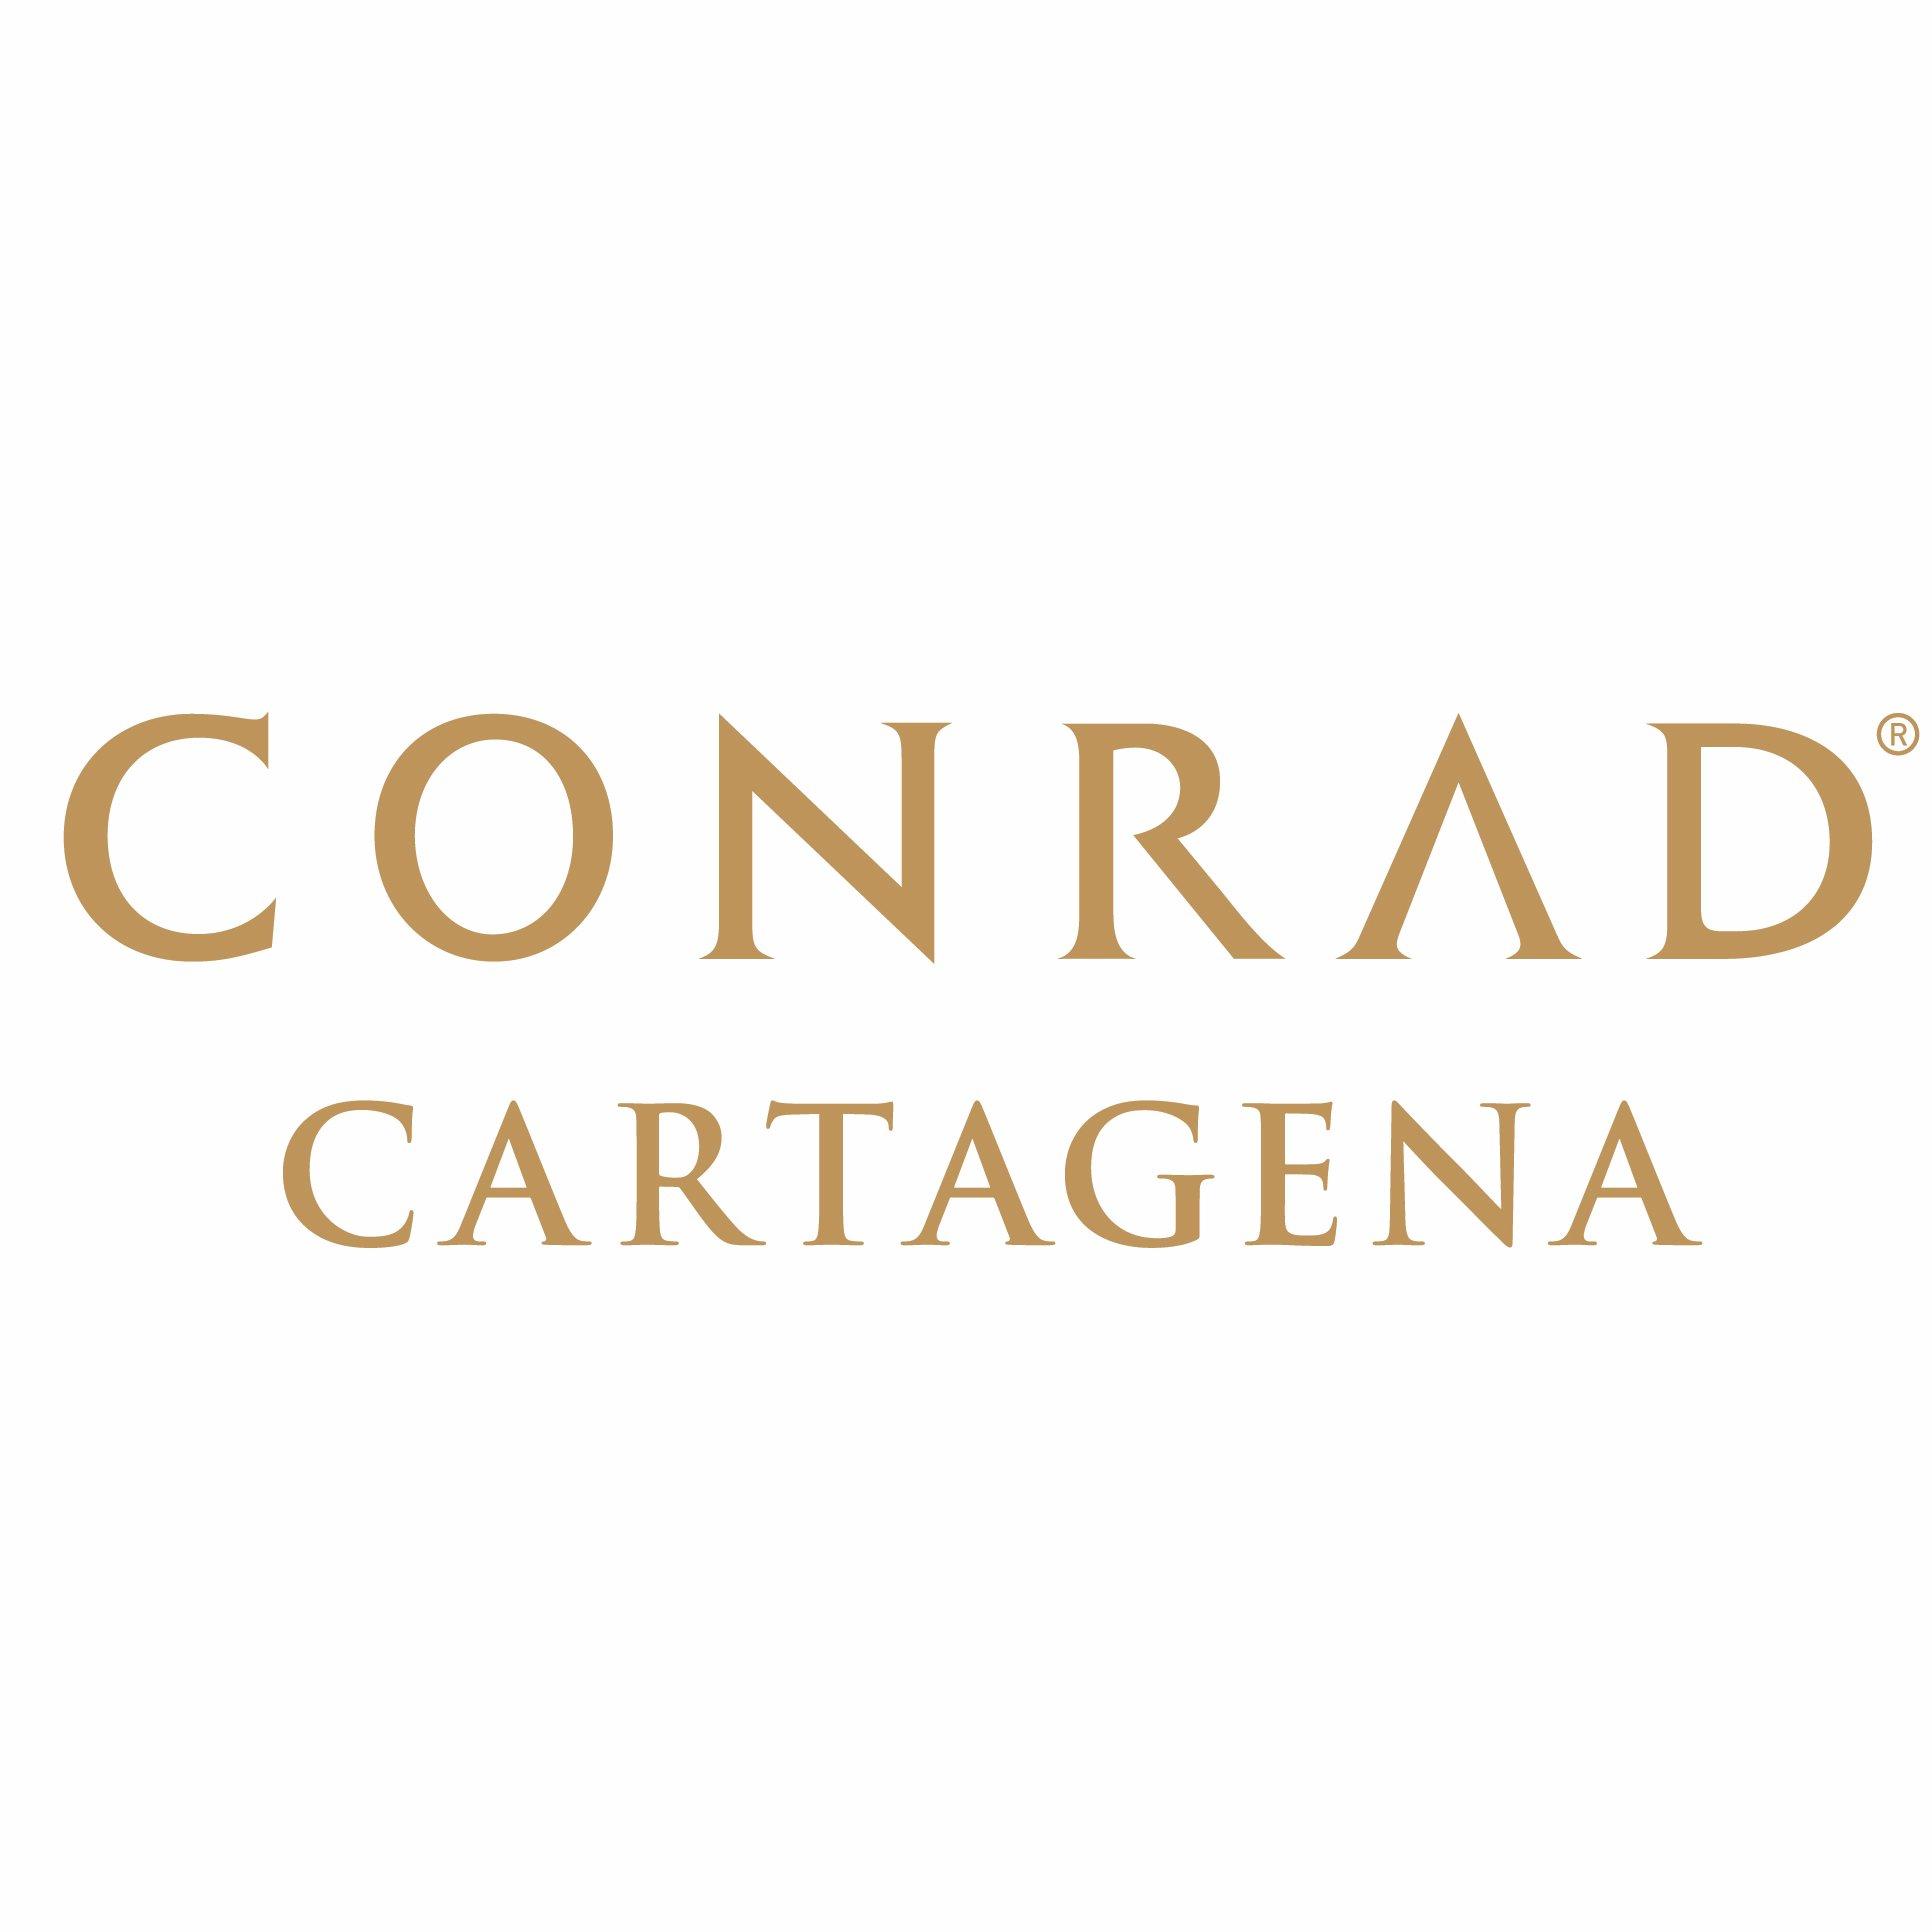 @conradcartagena